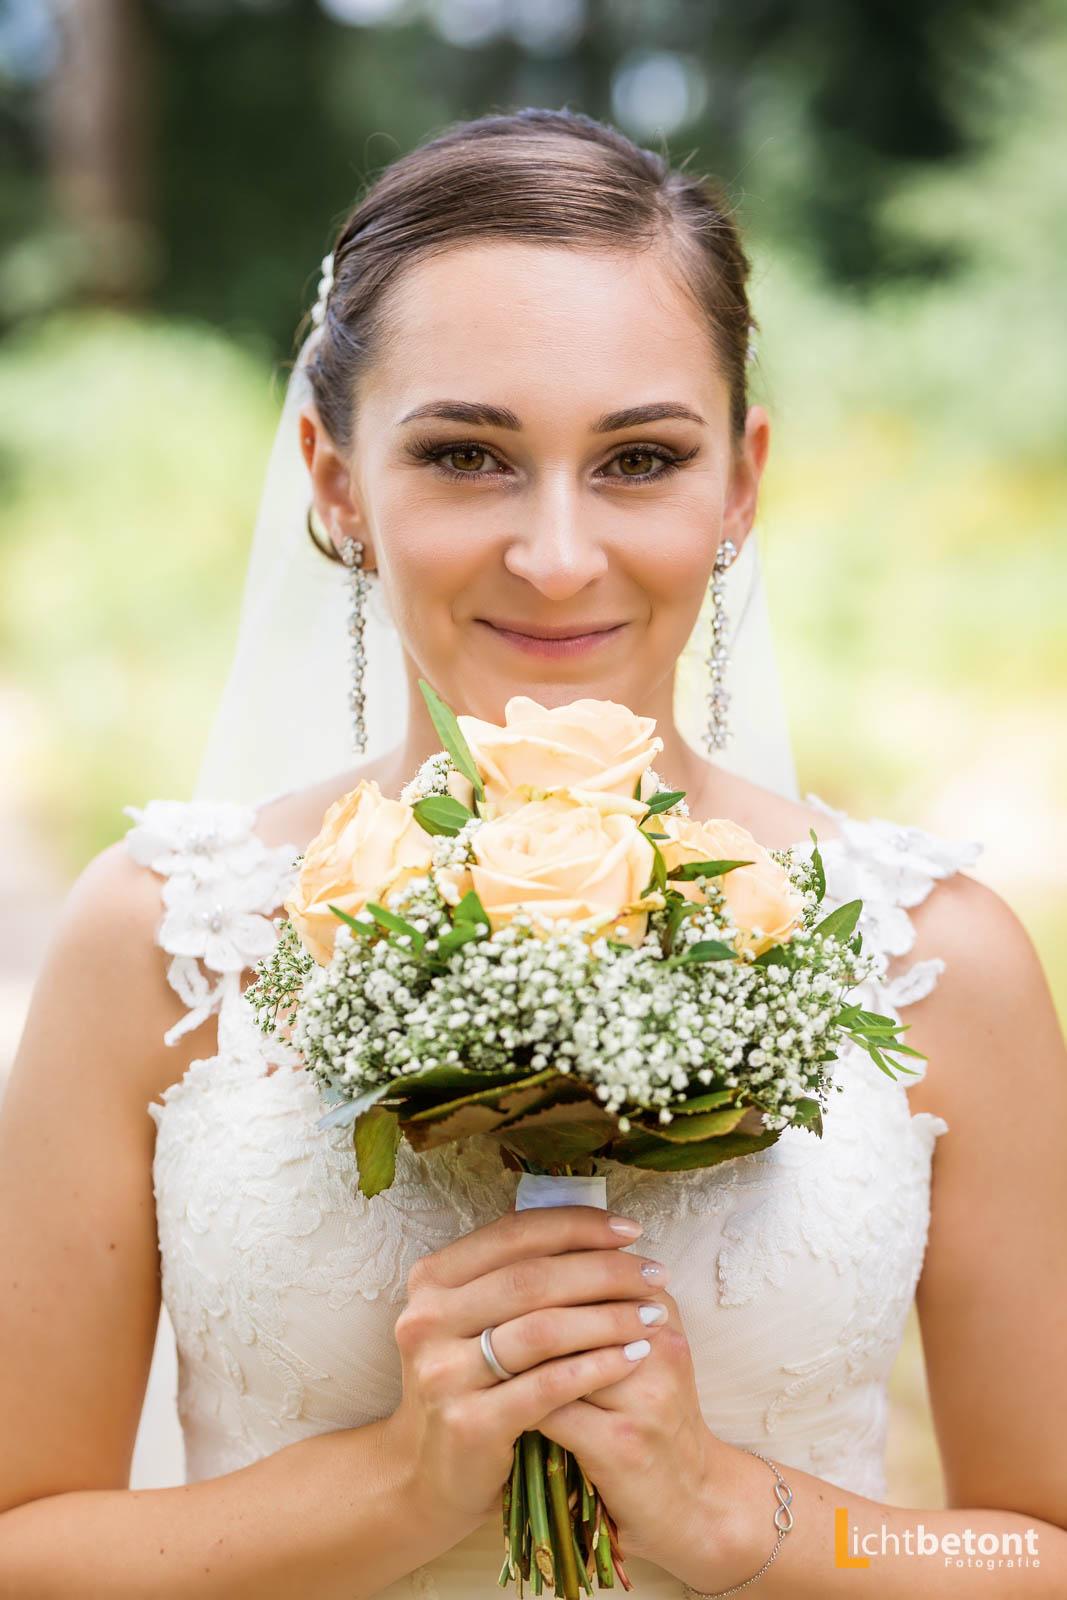 Hochzeitsreportage Seehaus Asam Kirche Ingolstadt Barocksaal Baggersee heiraten Hochzeitsfeier_0020